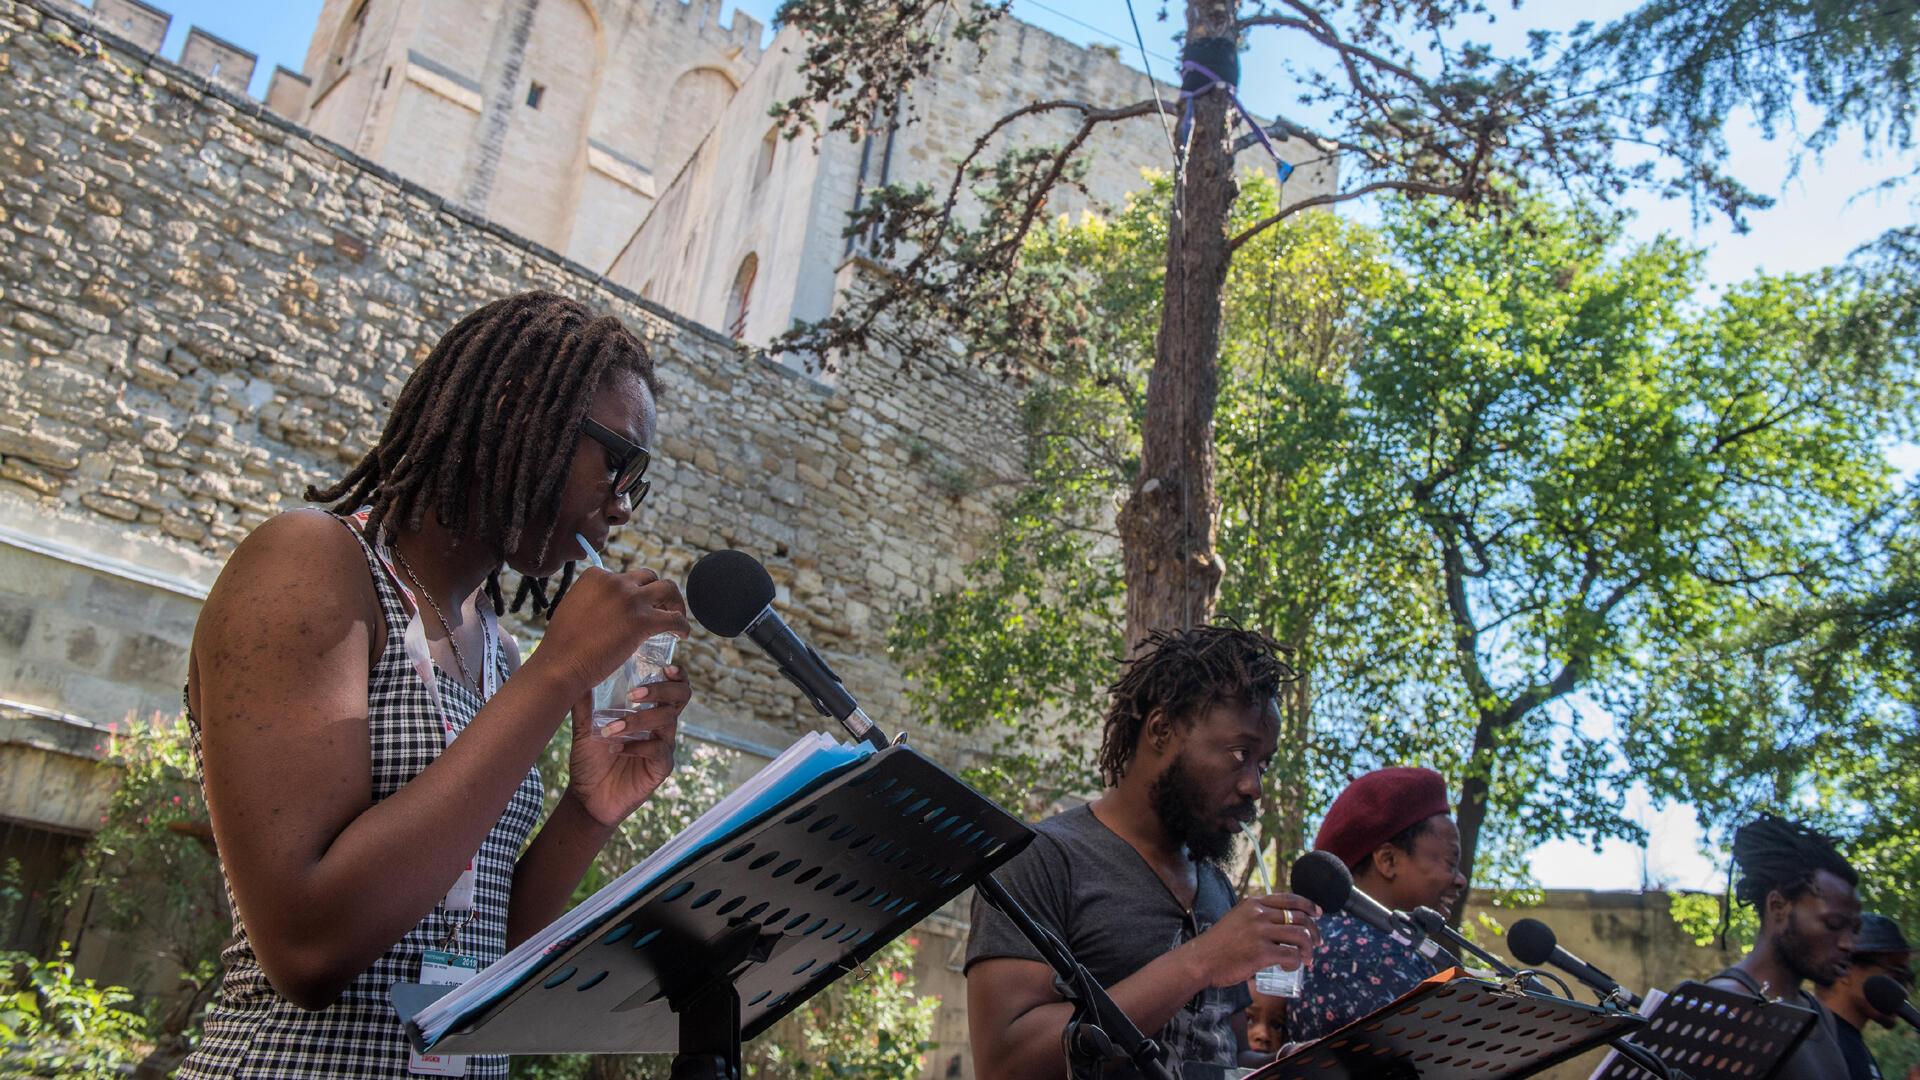 Louisia Niolo-Ame, Lamine Diarra et Alvie Bitemo. LES INAMOVIBLES de Sèdjro Giovanni Houansou. Ça va, ça va le monde! Festival d'Avignon 2019.